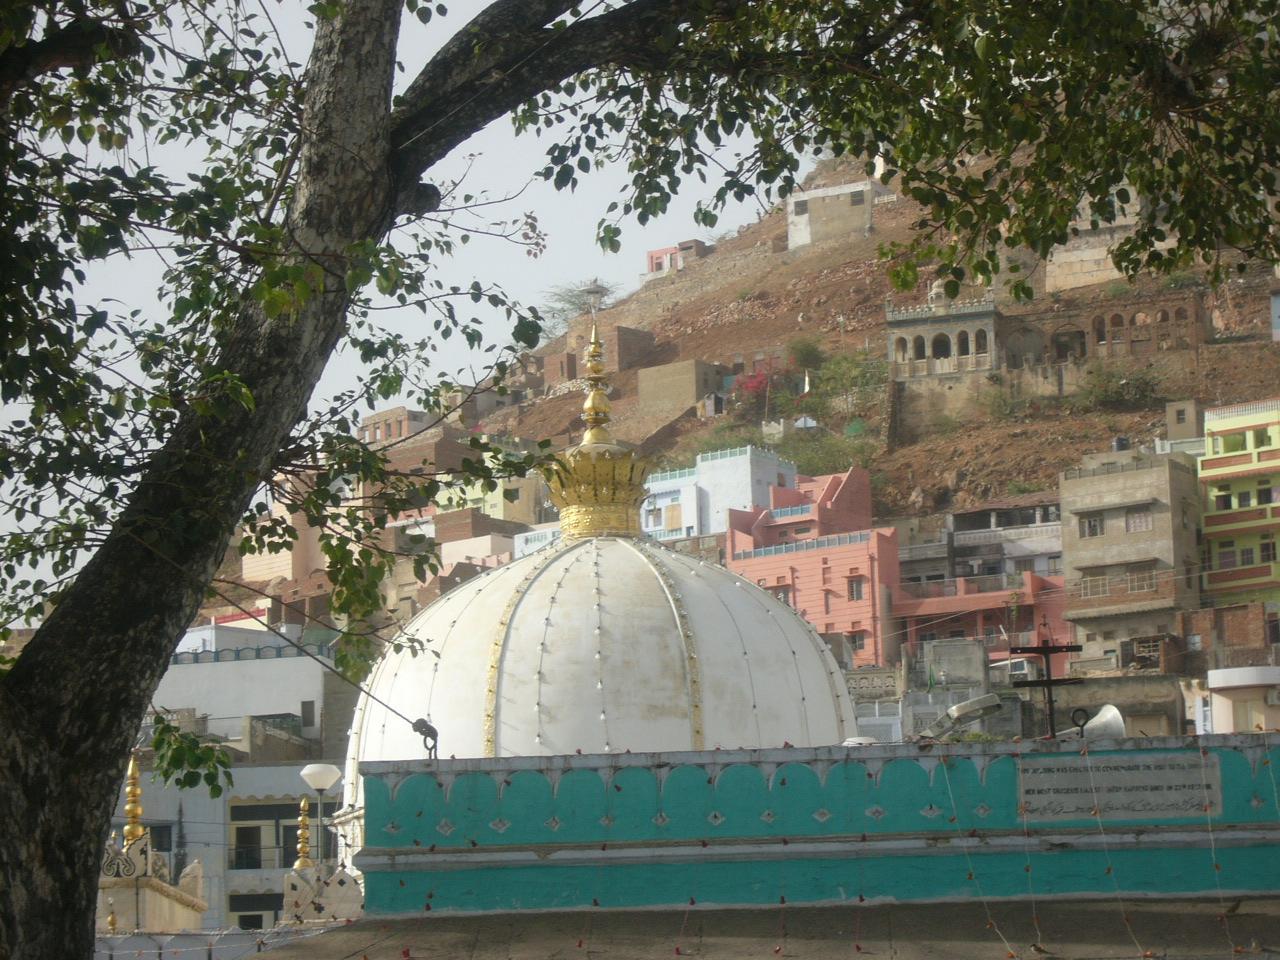 Ajmer India  city pictures gallery : ... Sufi saint Moinuddin Chishti Ajmer India 3 Wikimedia Commons